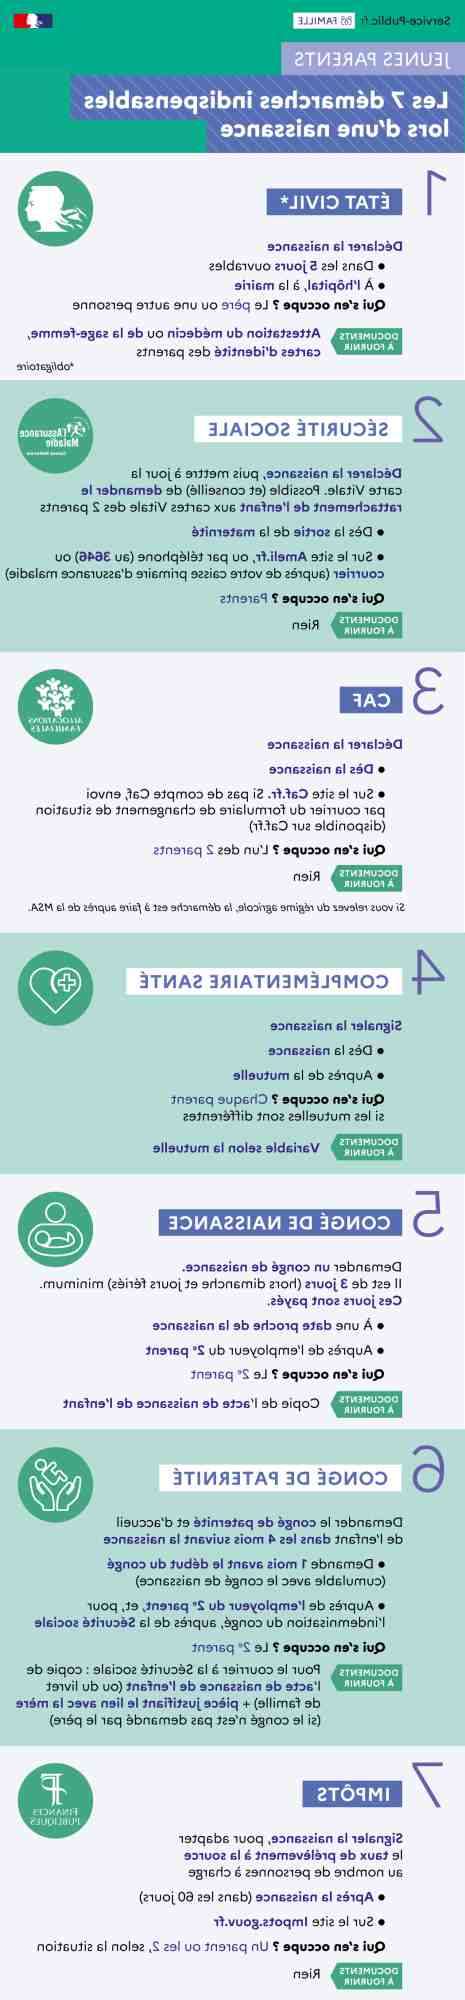 Est-ce que Allianz donne une prime de naissance ?